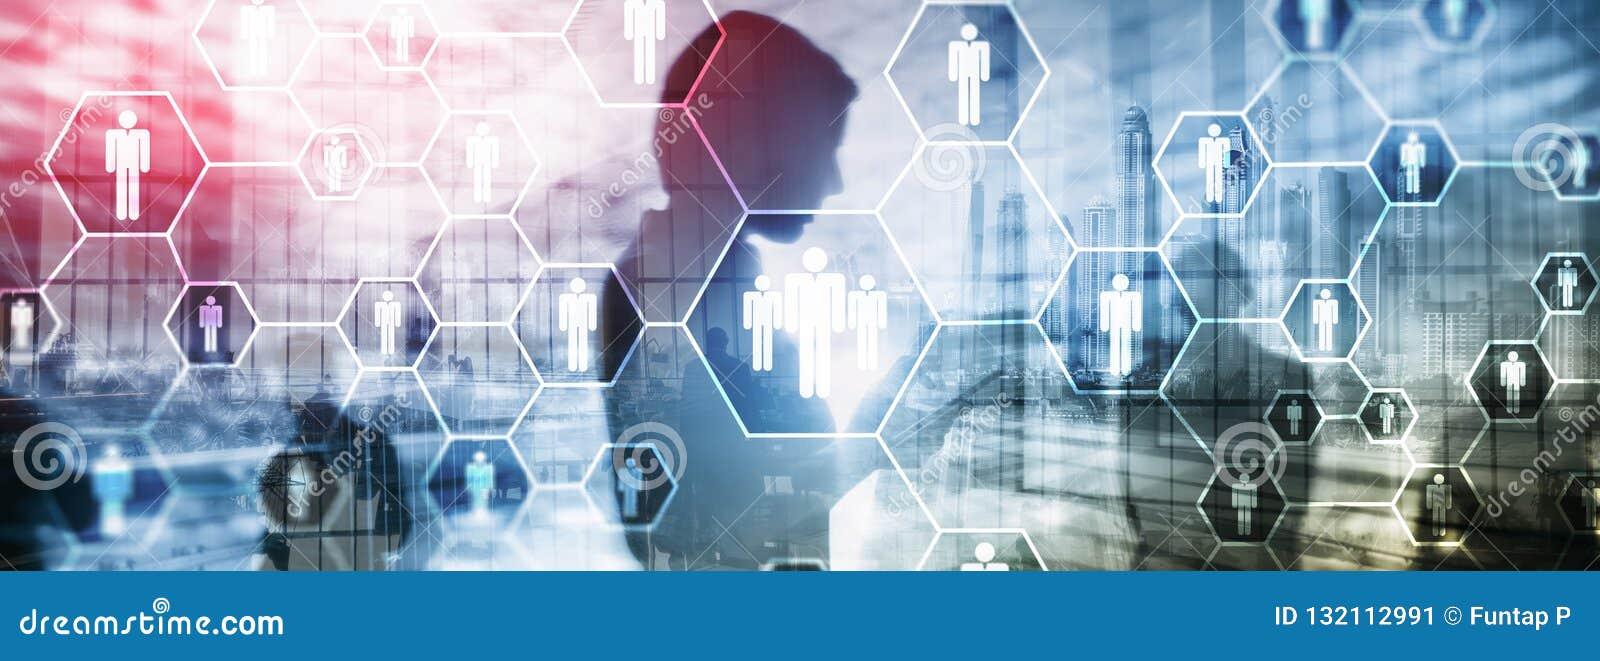 HR、人力资源、补充,组织结构和社会网络概念